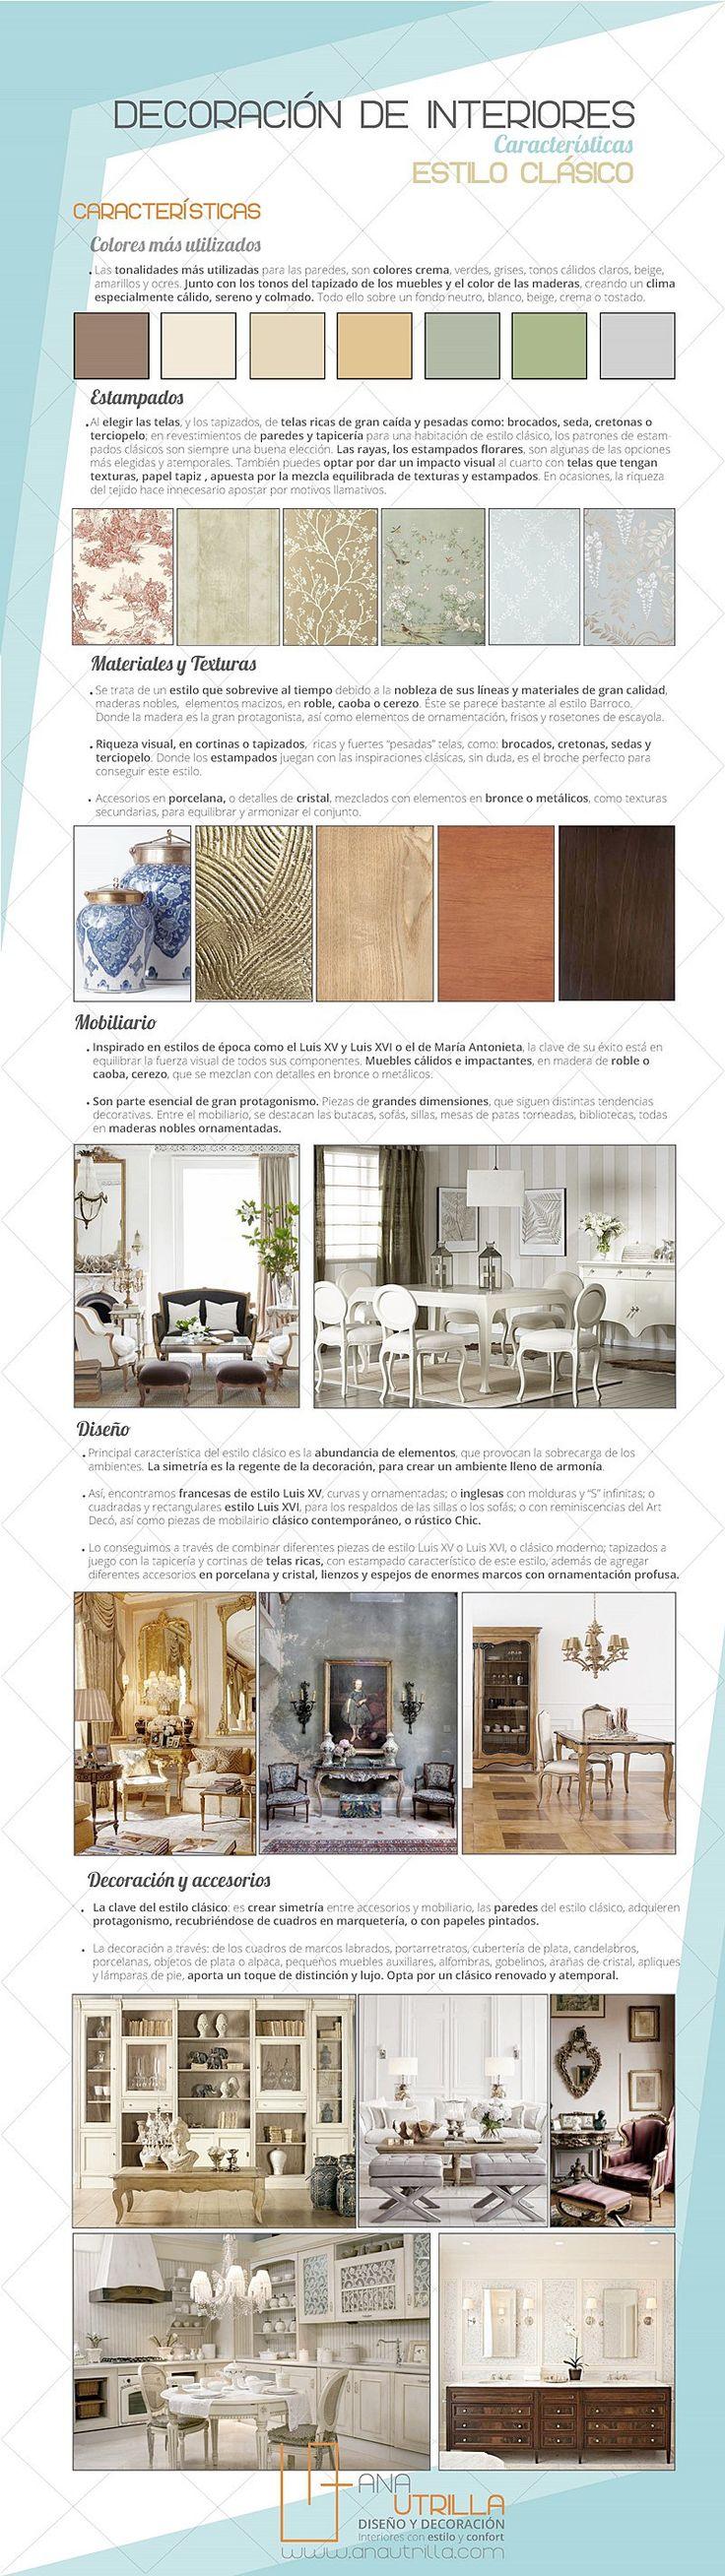 Características principales del estilo clásico en decoración de interiores por Ana Utrilla Diseño de Interiores Online